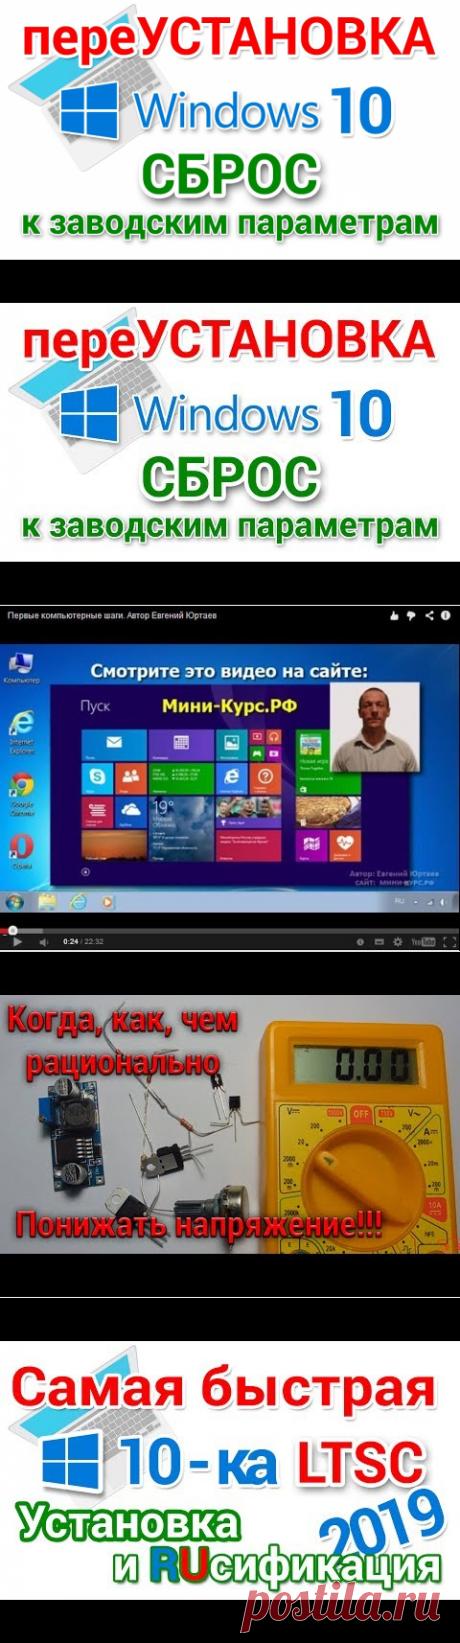 (776) Переустановка Windows 10, без использования загрузочных носителей. Сброс Windows 10 - YouTube